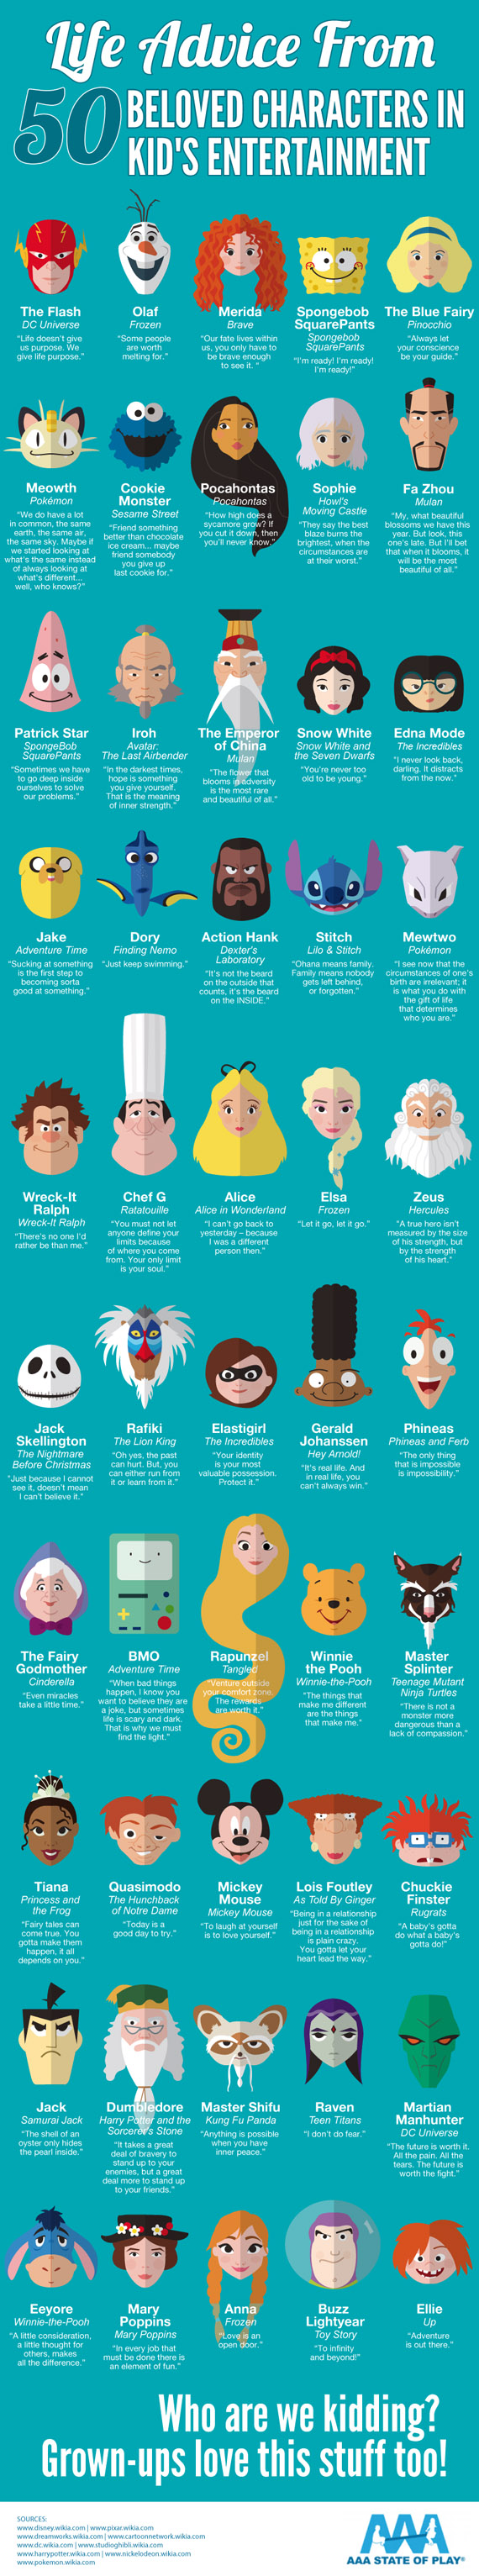 50 levenslessen van characters